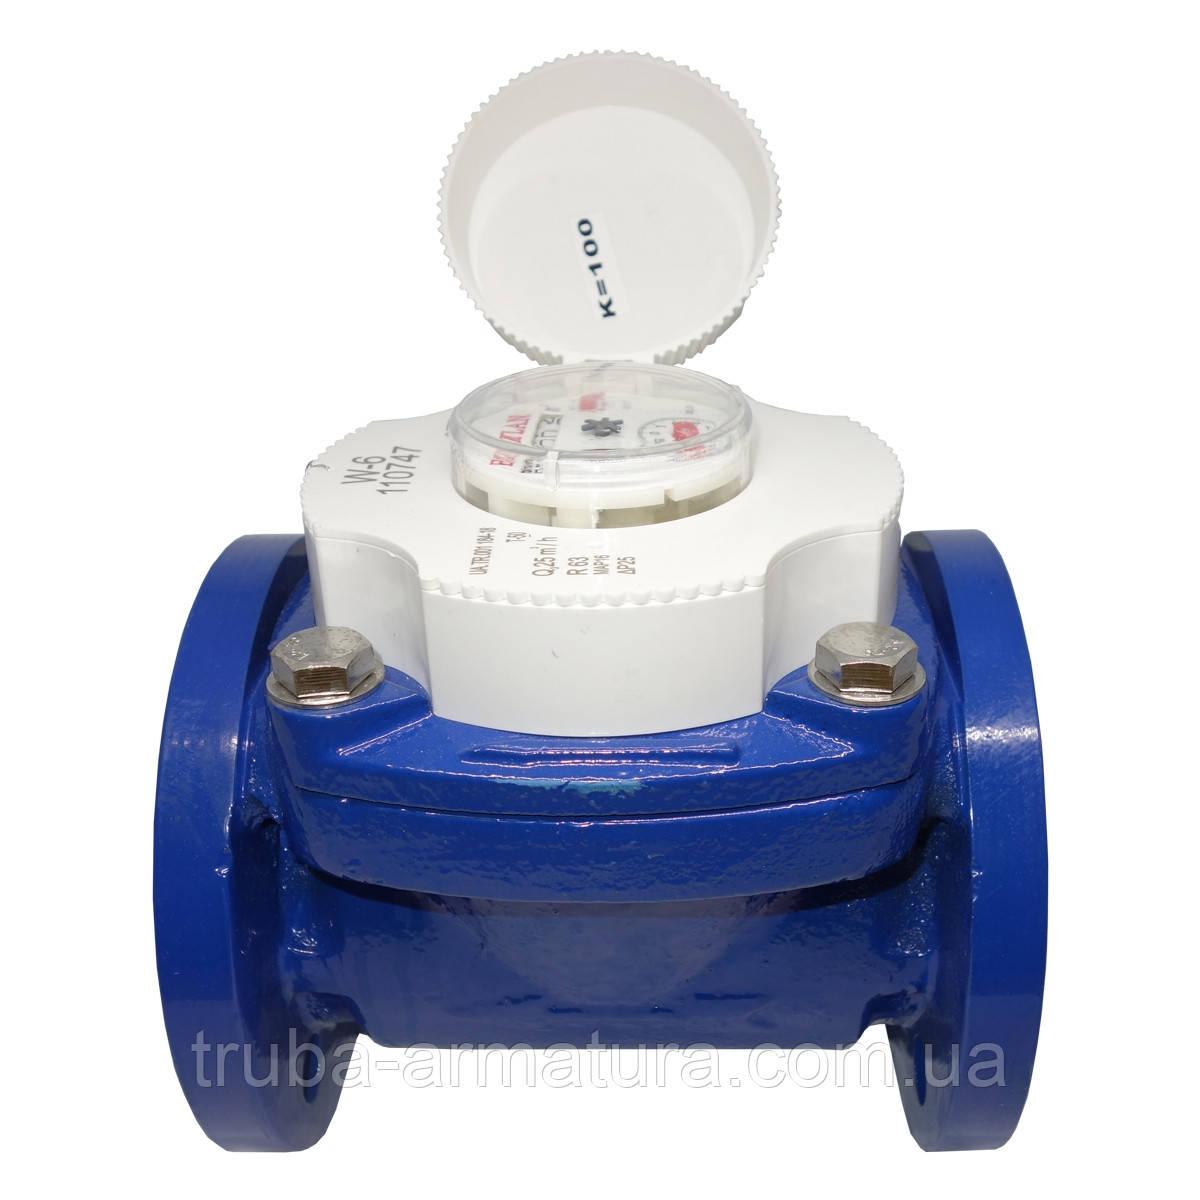 Счетчик воды турбинный фланцевый Baylan W-0 Ду 65